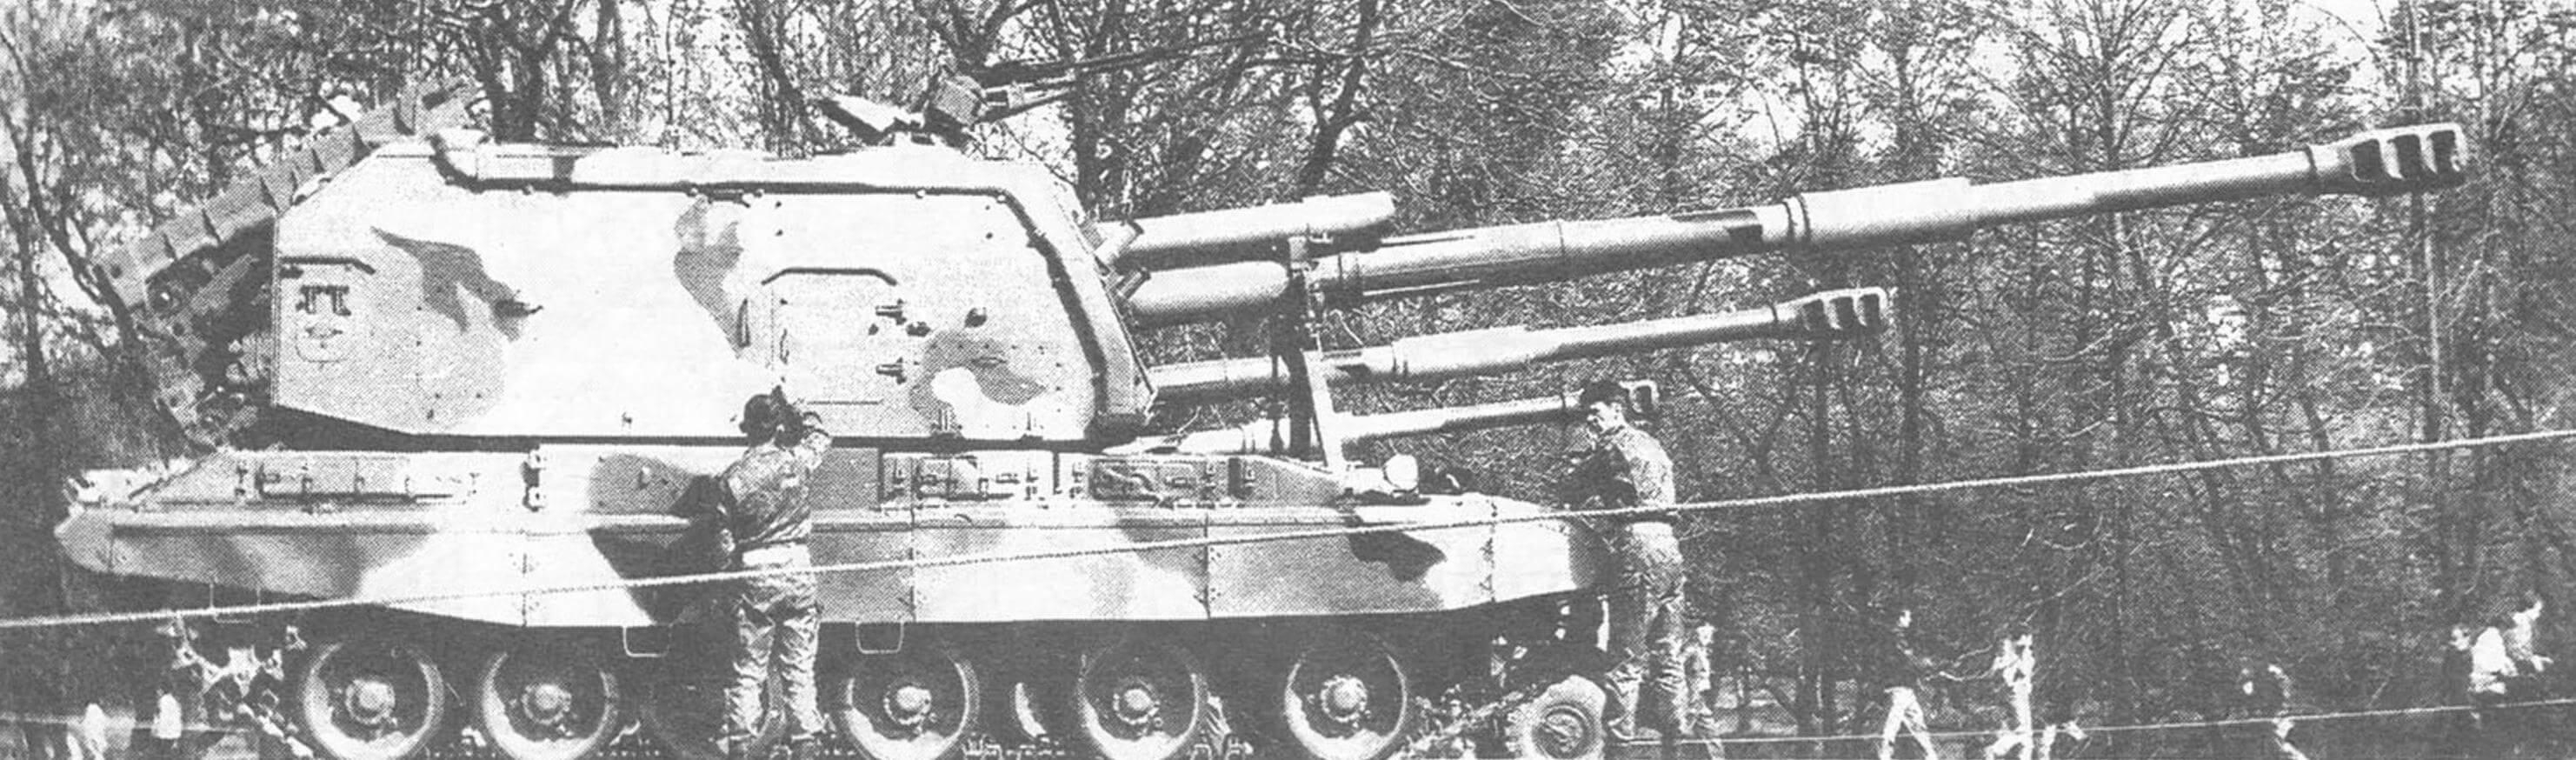 ВСЕГДА ГОТОВА К БОЮ (Самоходная 152-мм гаубица «Мста»)